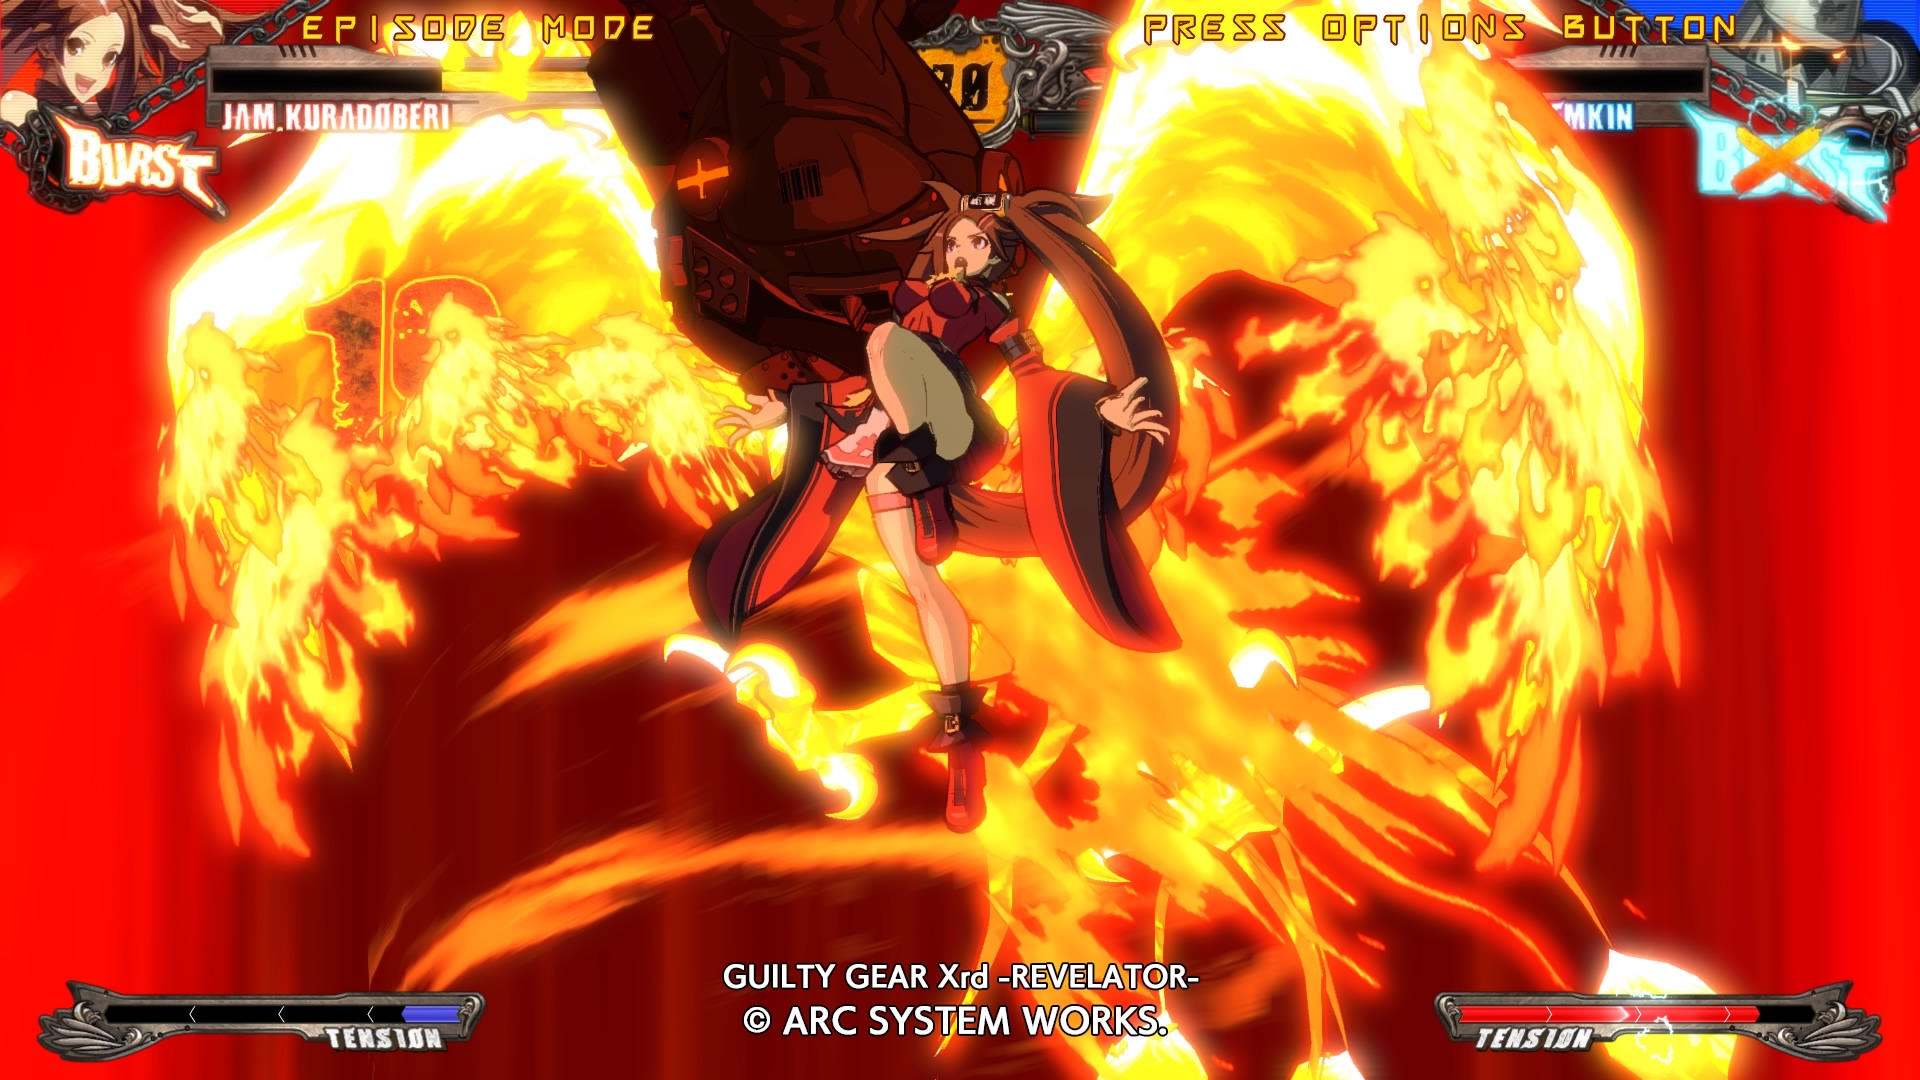 GuiltyGearXrd-Revelator PS4 Test 063